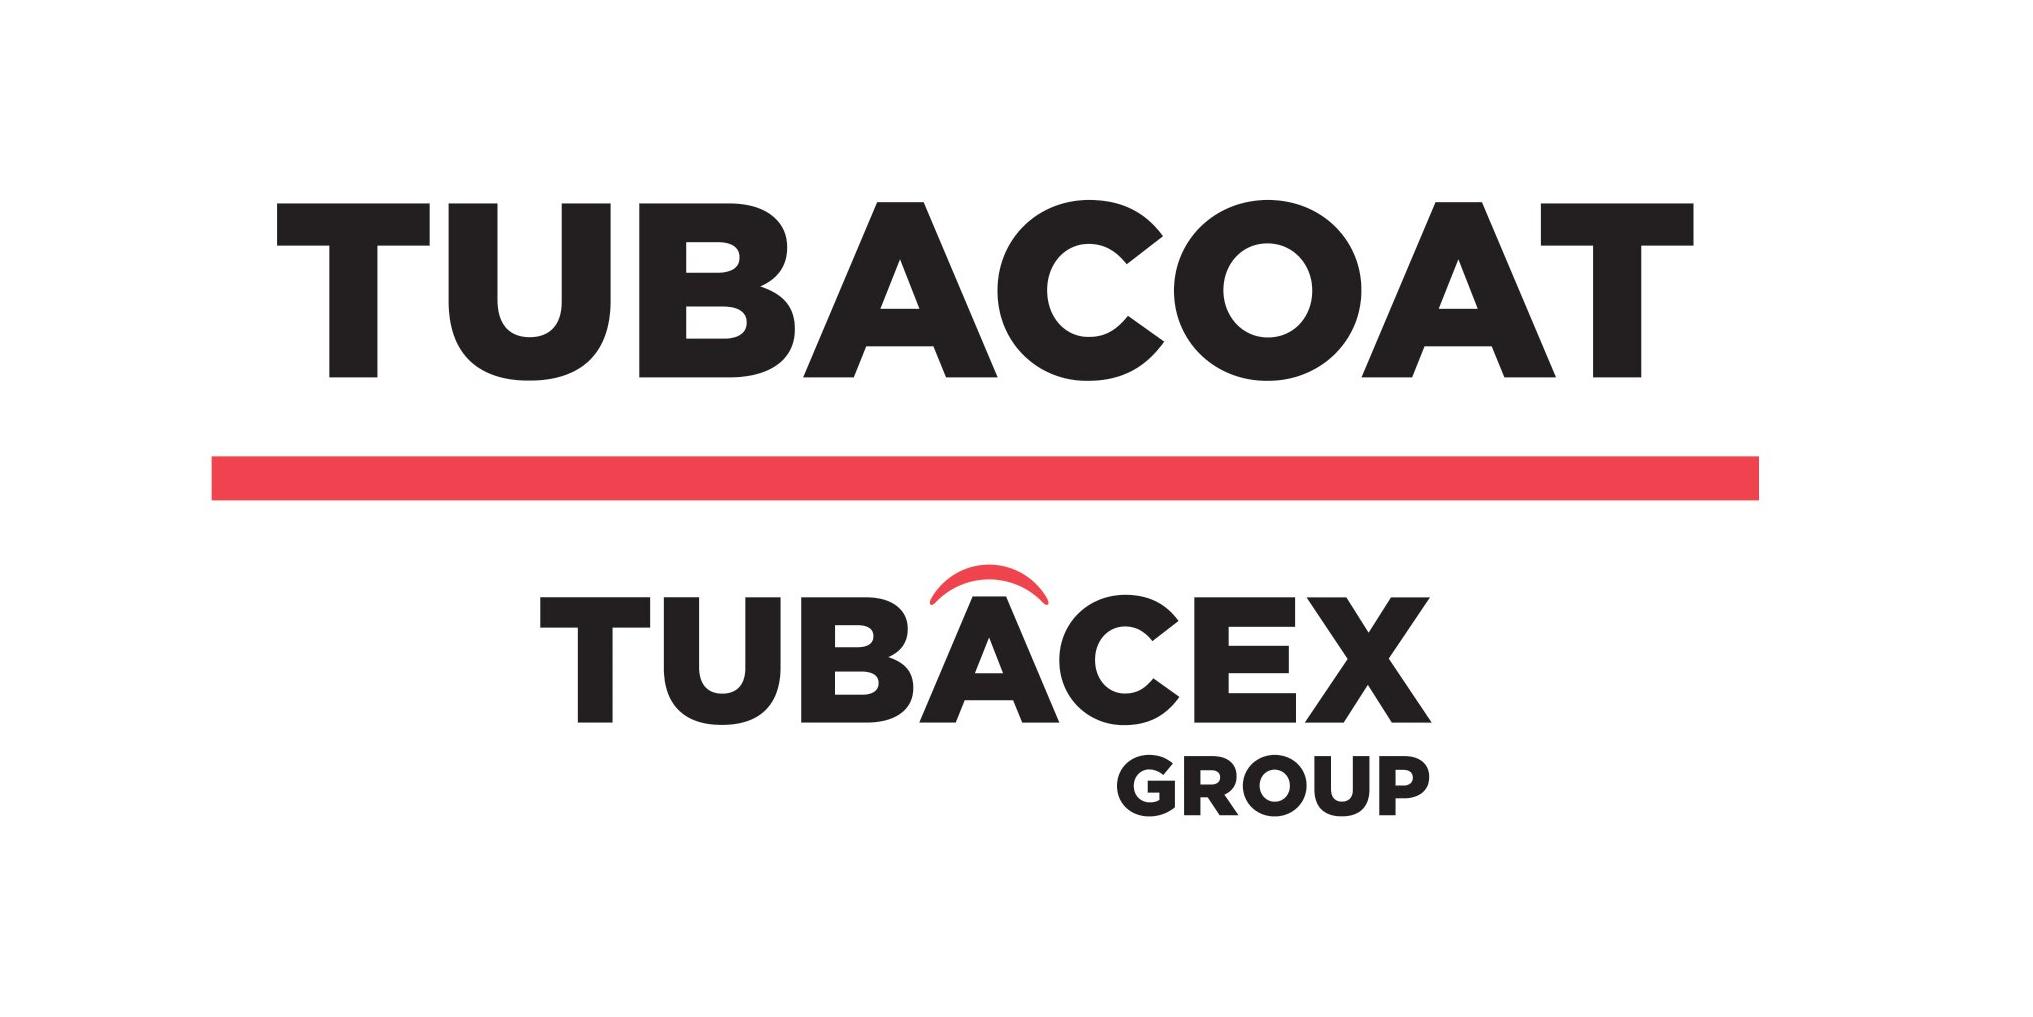 Tubacoat